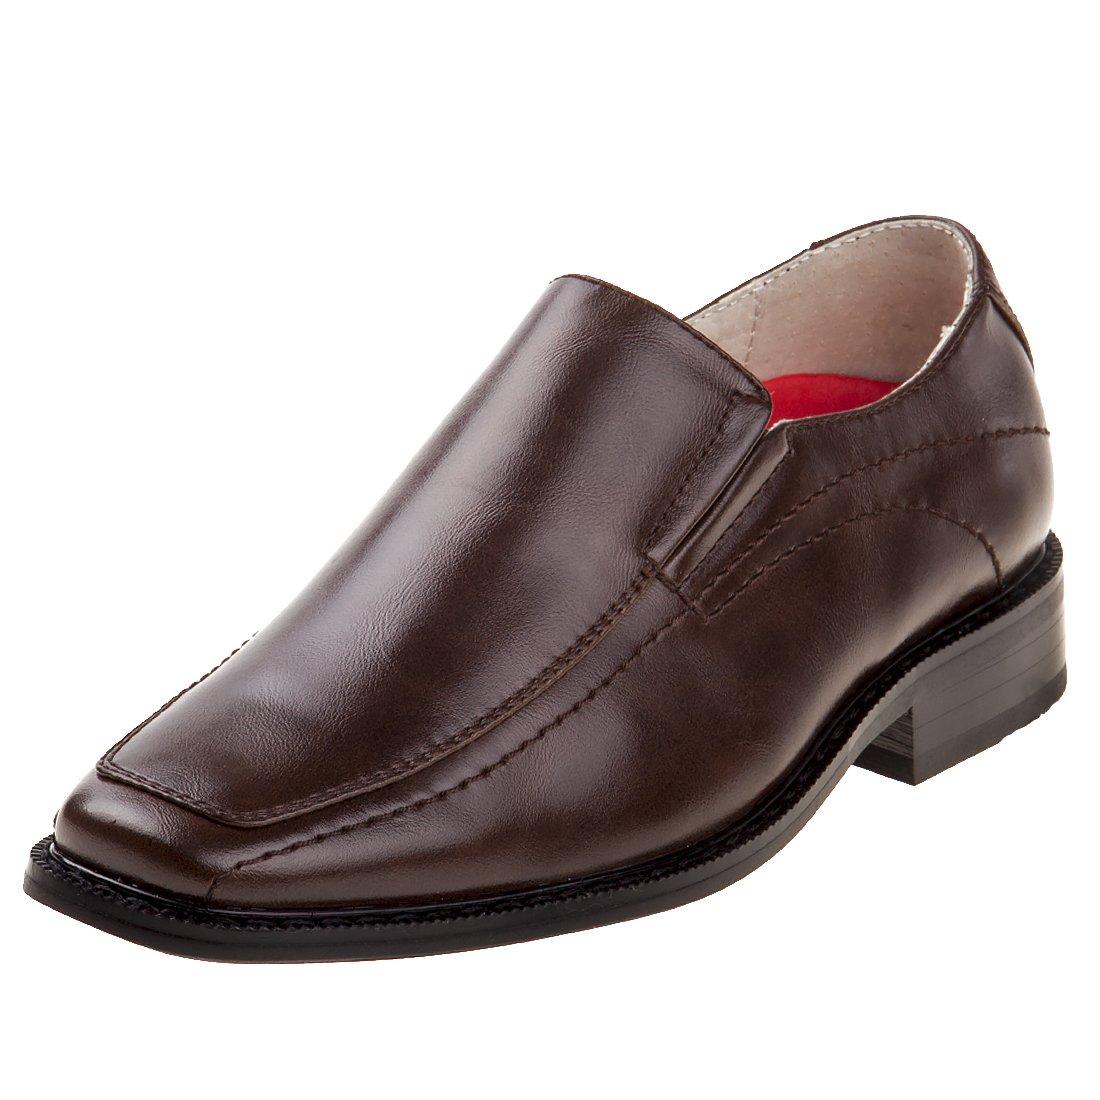 Joseph Allen Boy's Slip On Dress Shoe (Little Kid, Big Kid)